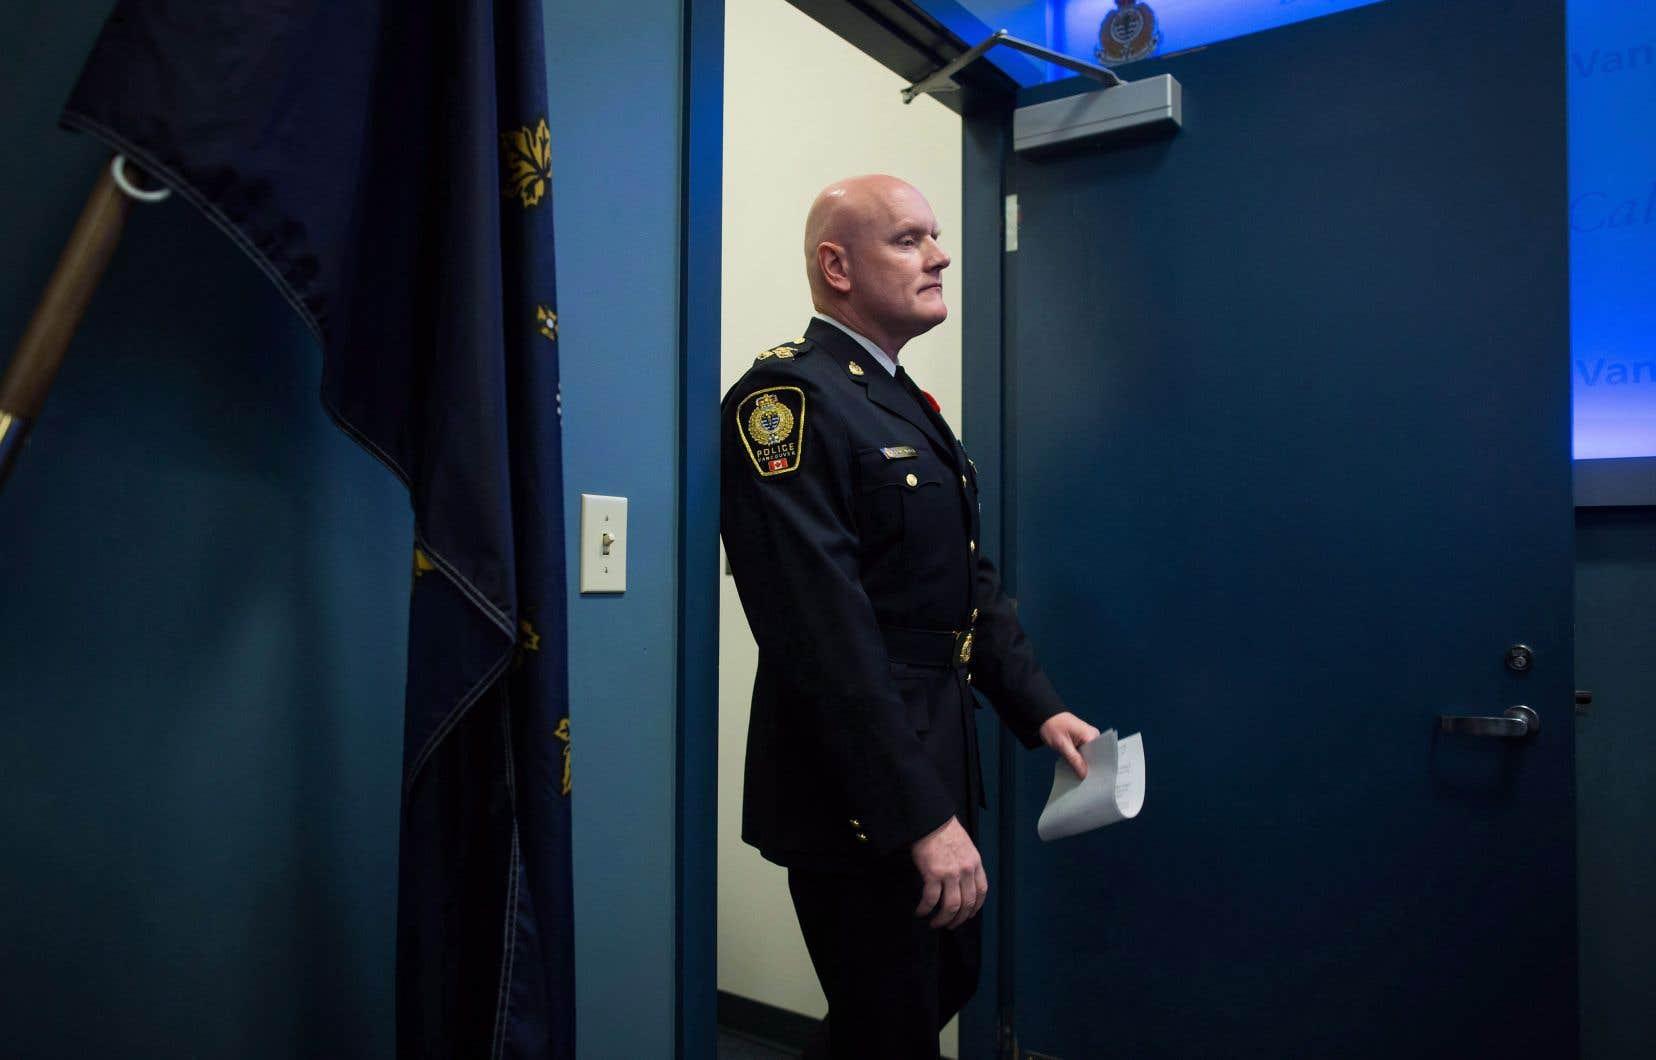 Le chef de la Police de Vancouver, Adam Palmer, président de l'Association canadienne des chefs de police